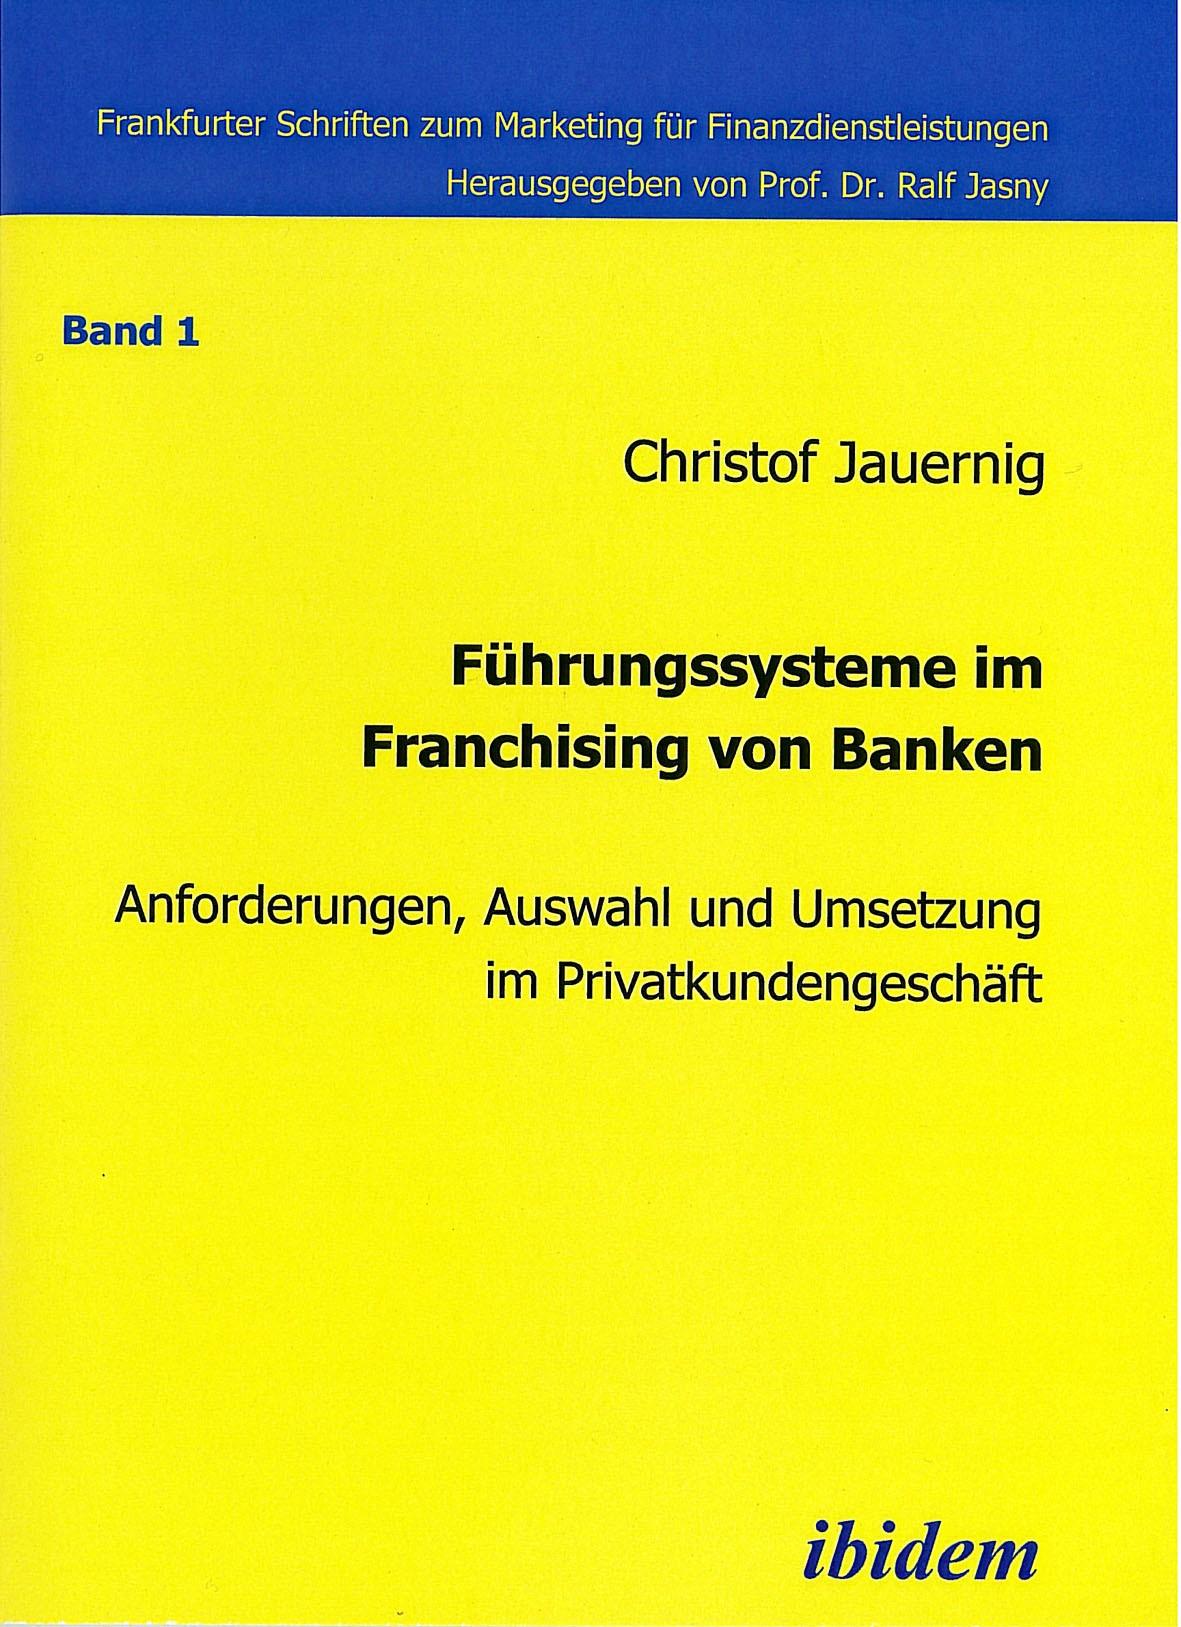 Führungssysteme im Franchising von Banken